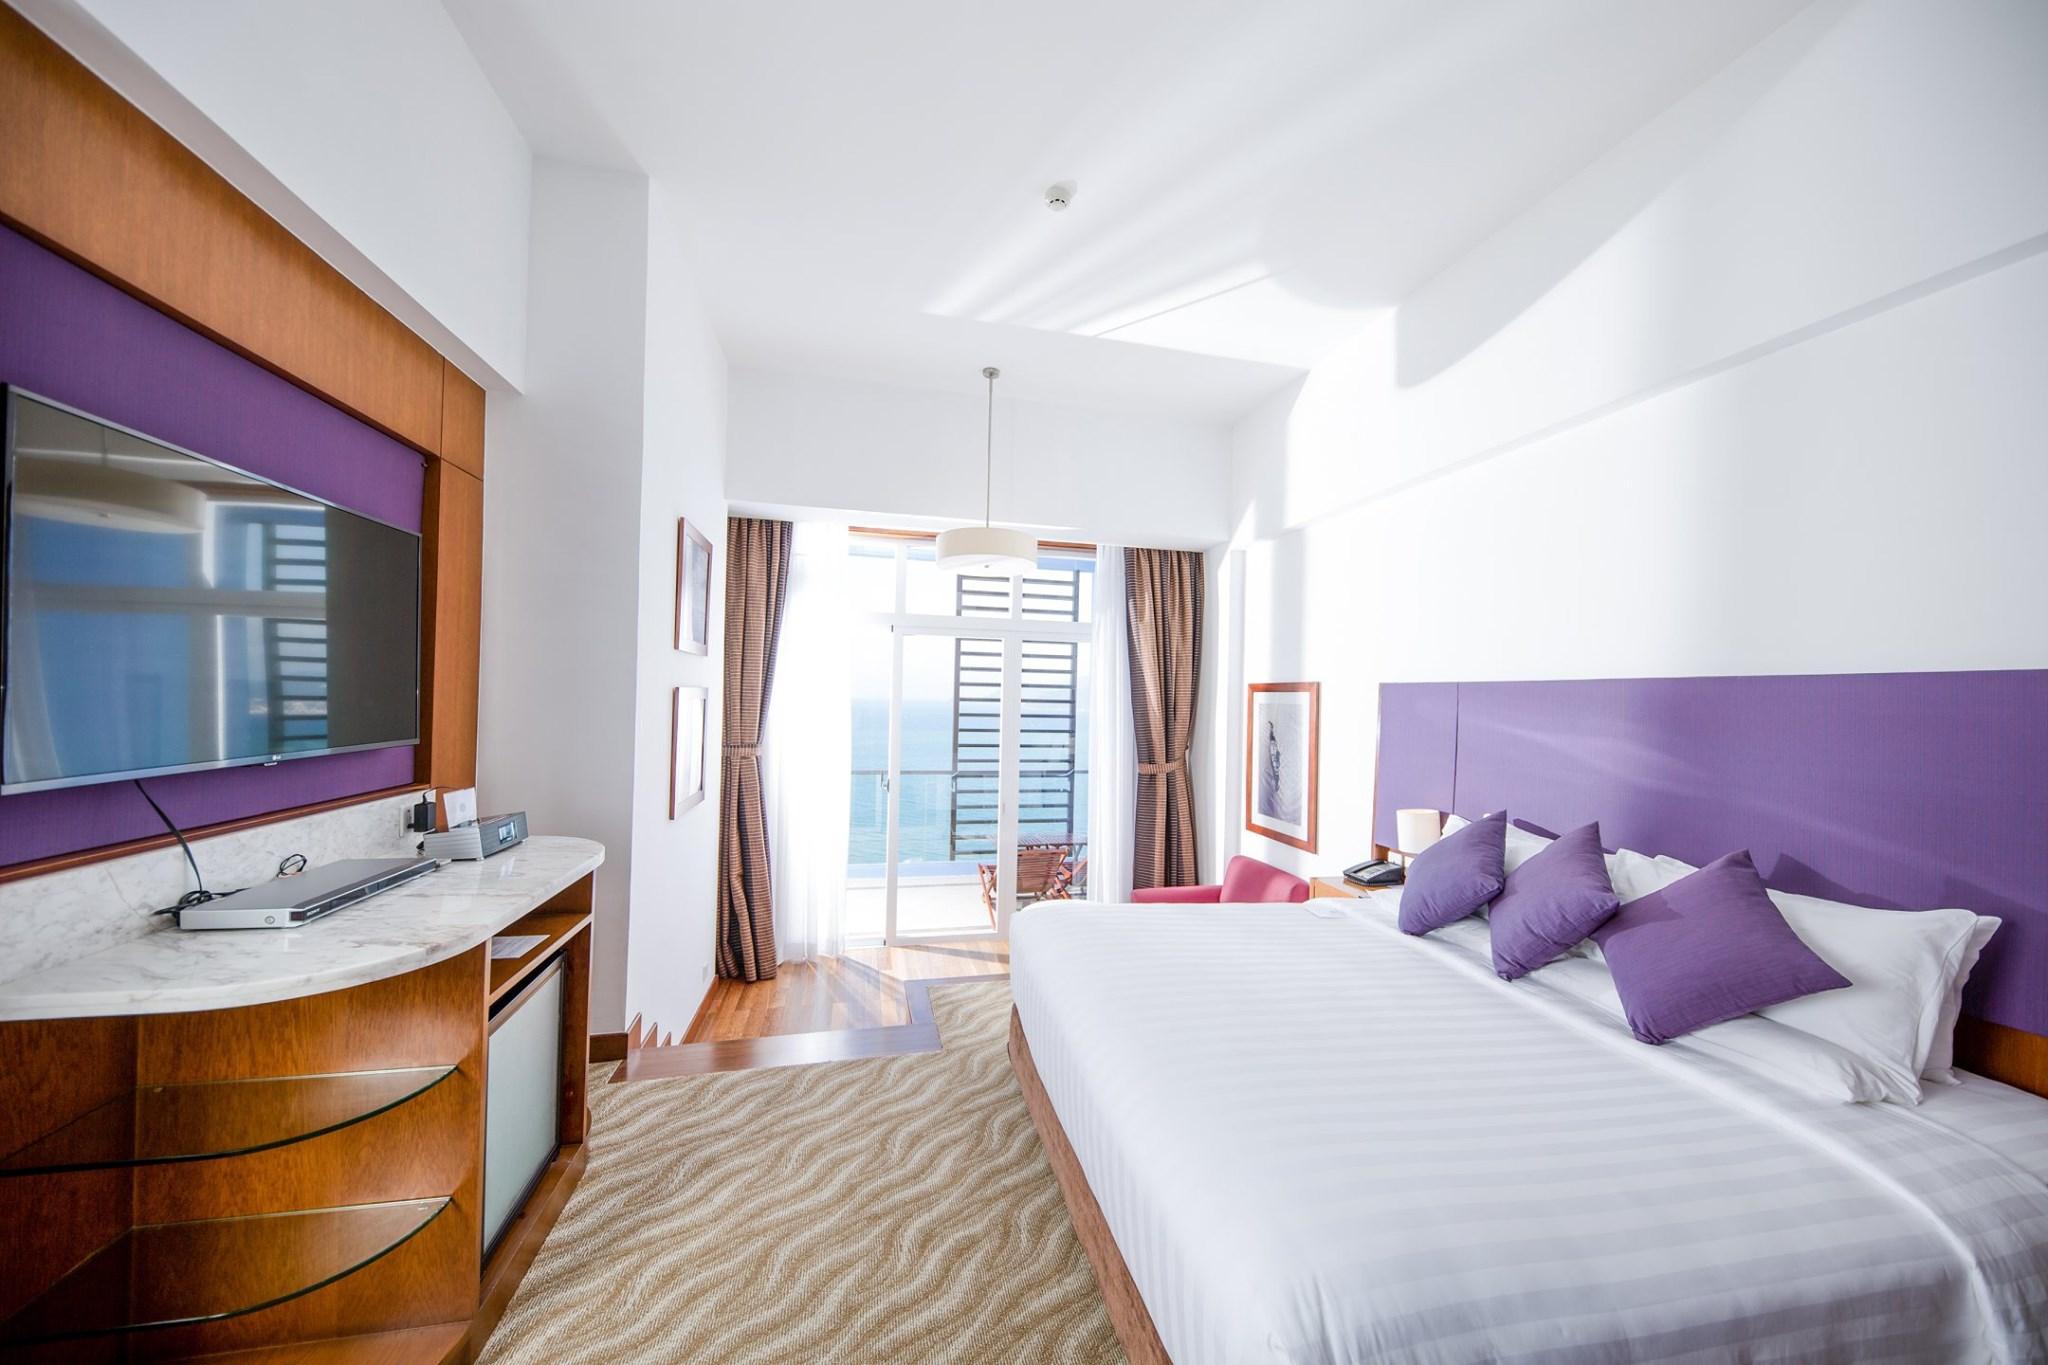 Chuẩn bị 27 khách sạn để cách ly các chuyên gia, có thu phí